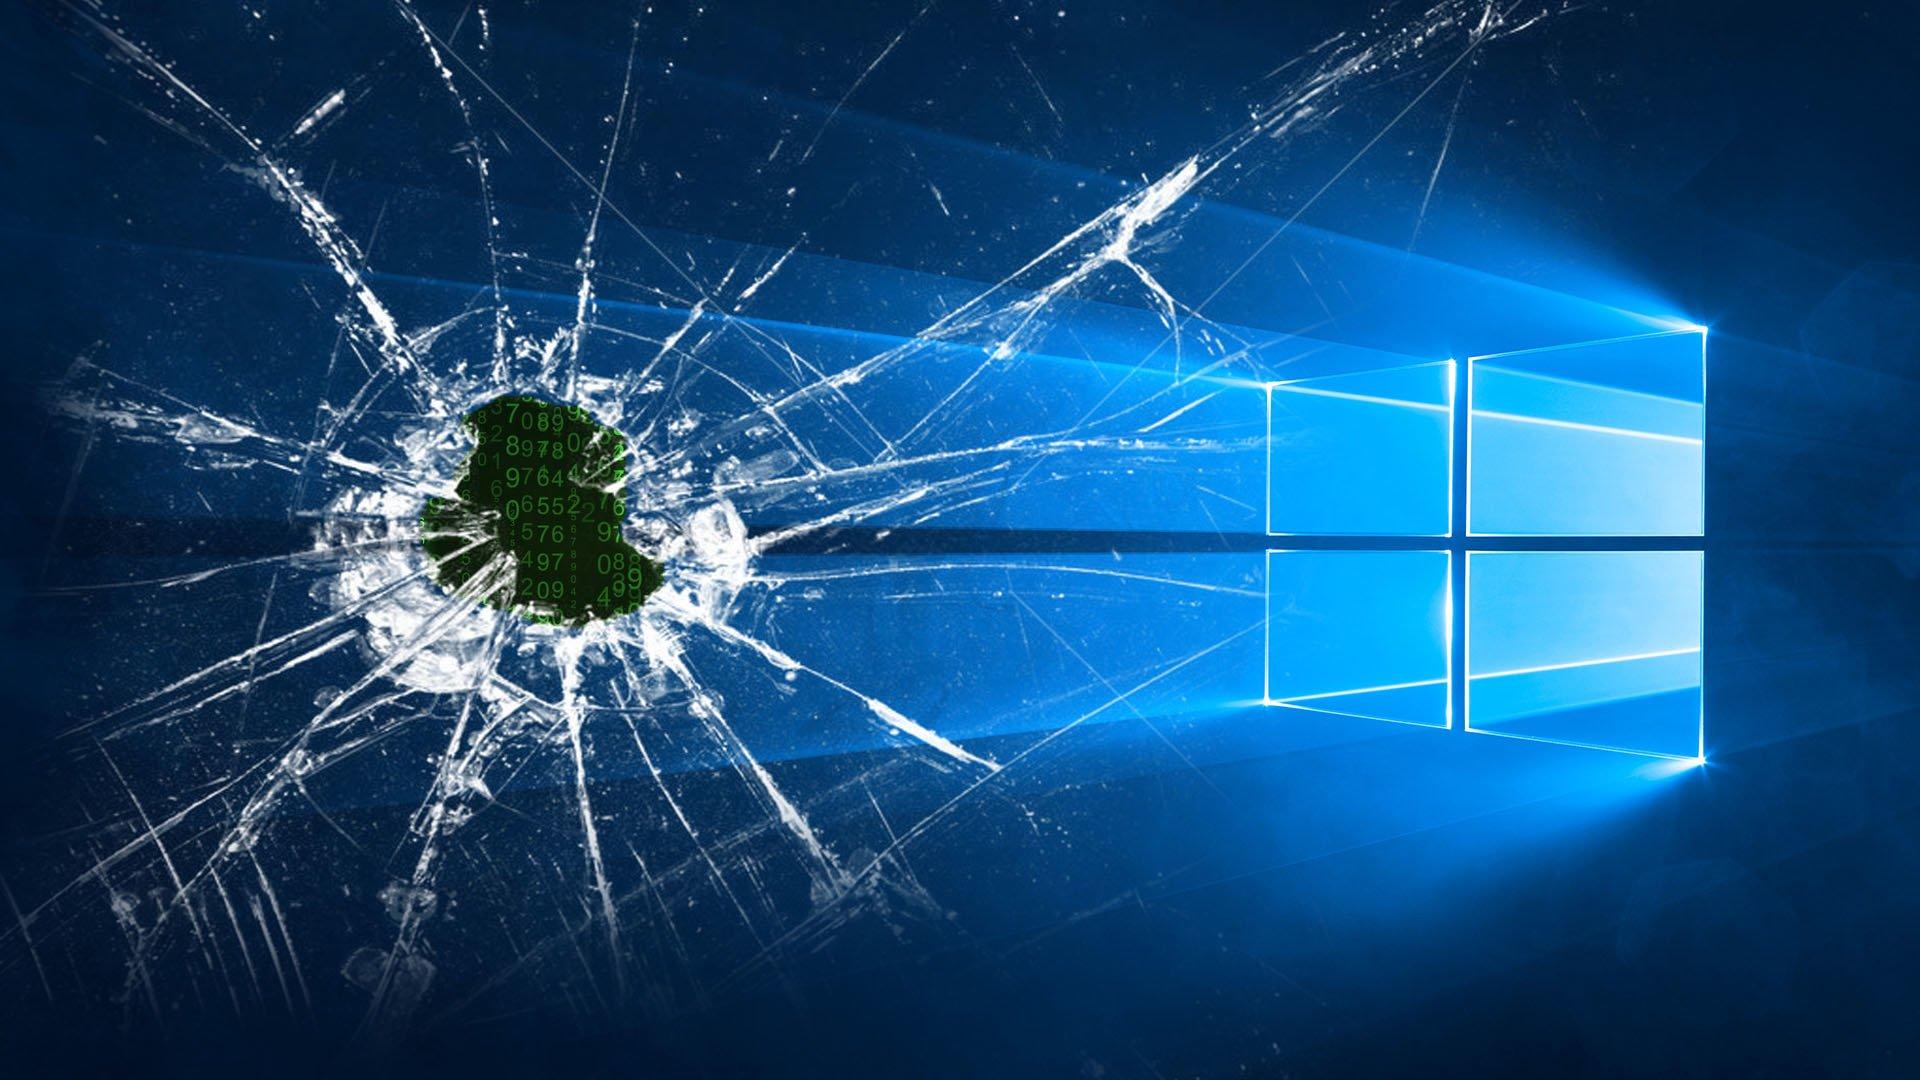 Из-за проблем с видеокартами Nvidia предлагает пользователям отменить свежие обновления Windows 10